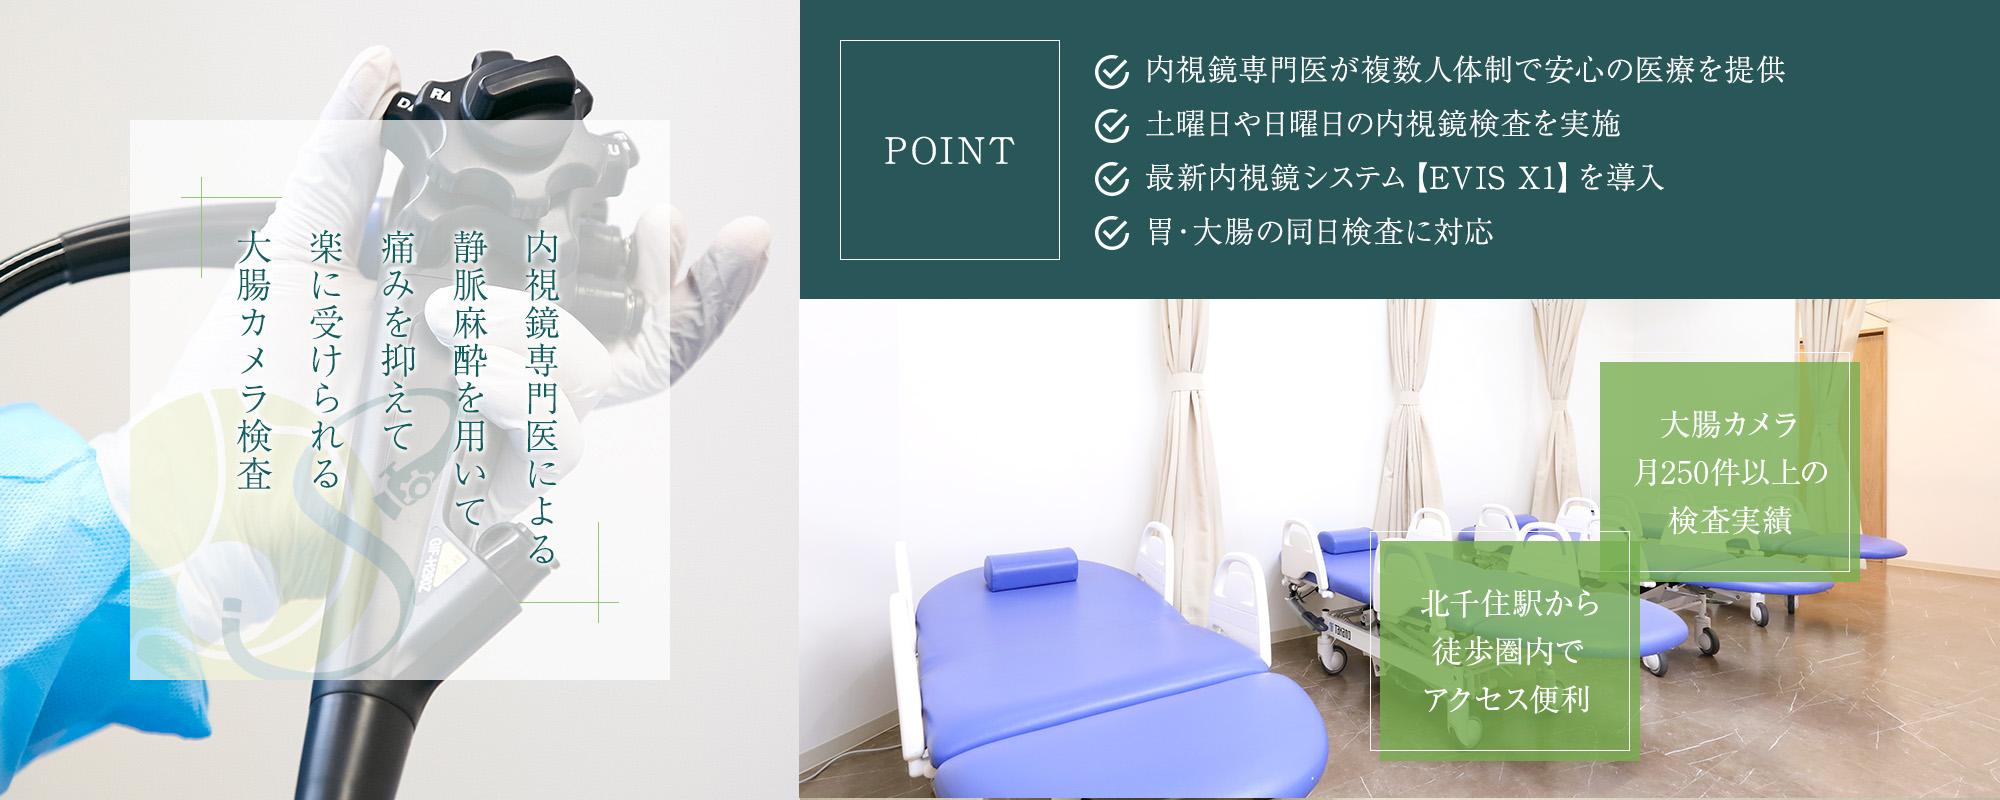 内視鏡専門医による静脈麻酔を用いて痛みを抑えて楽に受けられる胃カメラ検査